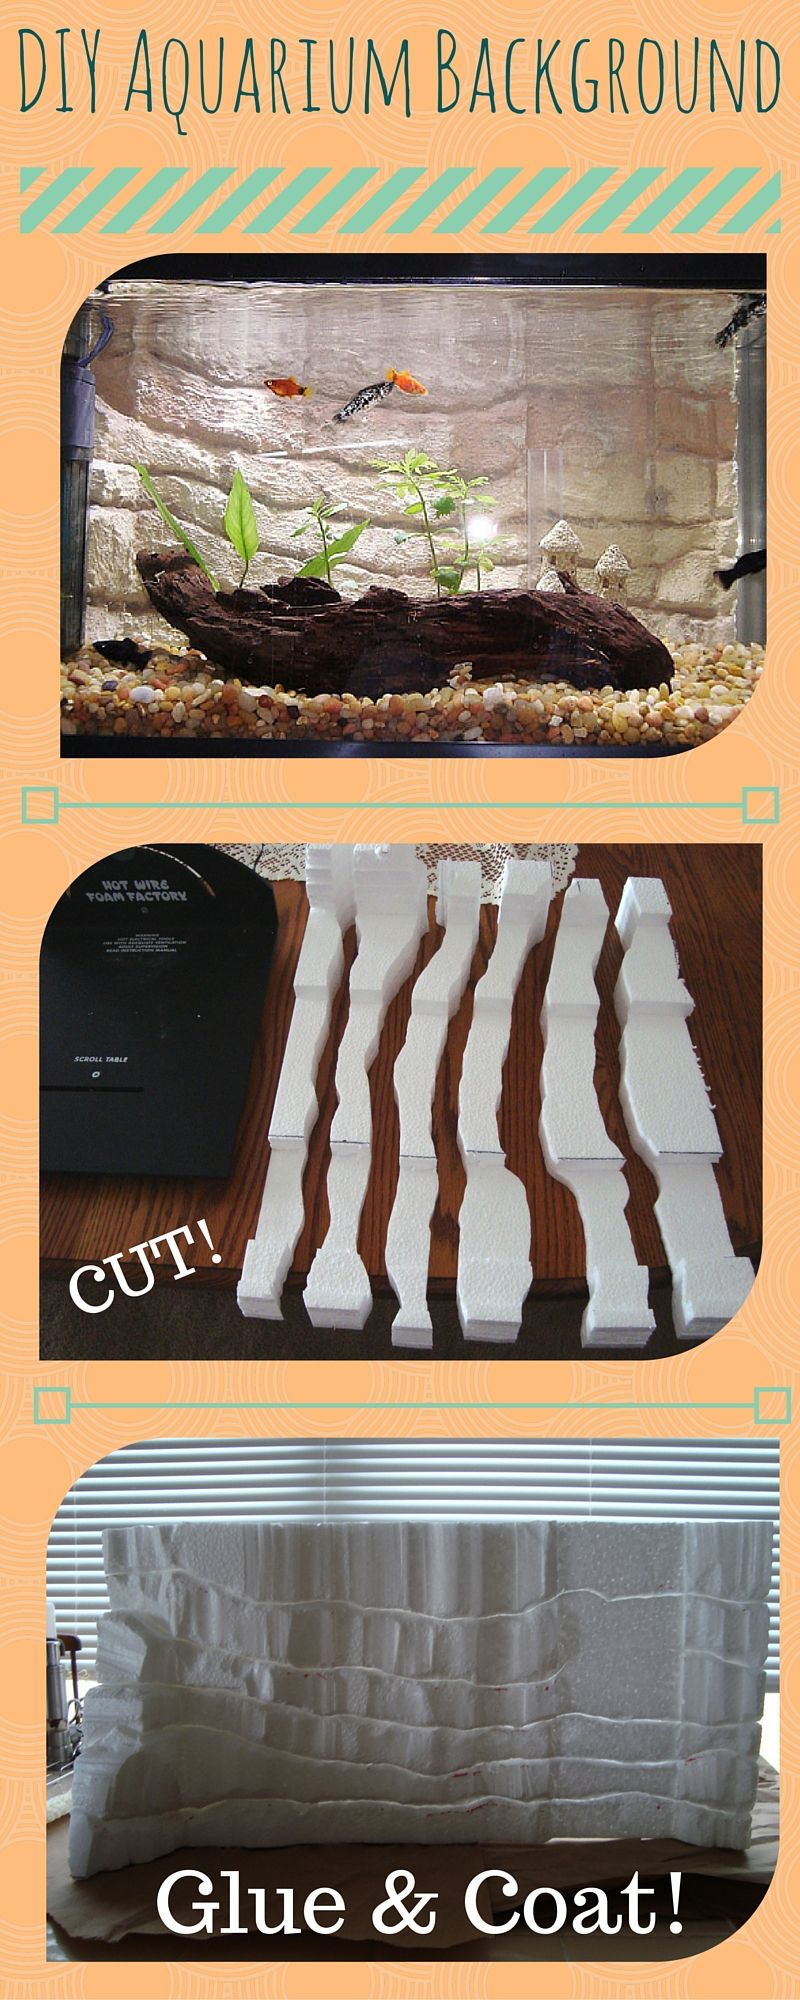 Easy Diy Aquarium Background Aquarium Diy Petfish Custom Tutorial Aquascape Aquariumbackground B Diy Aquarium Aquarium Backgrounds Diy Aquarium Decor